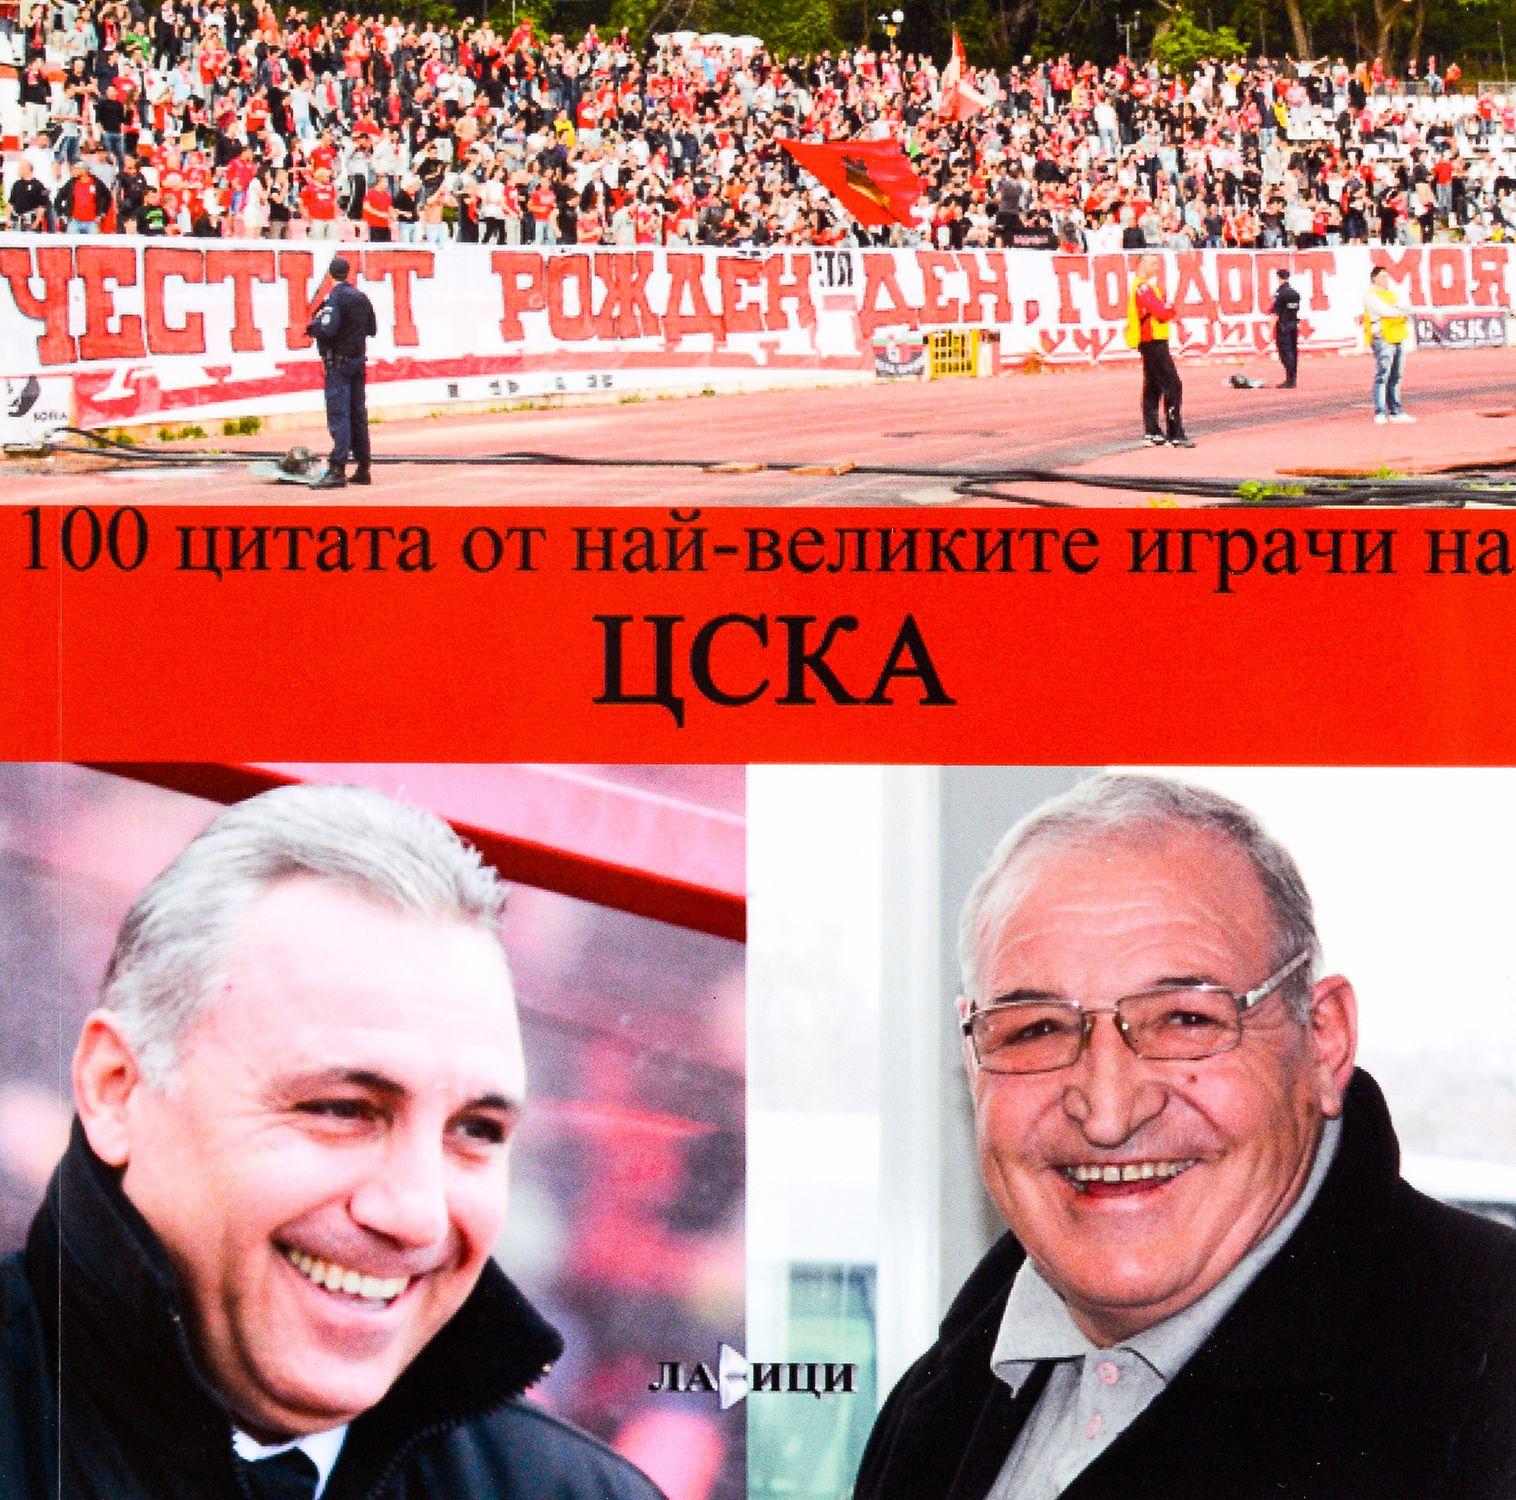 100 цитата от велики играчи на ЦСКА - 1